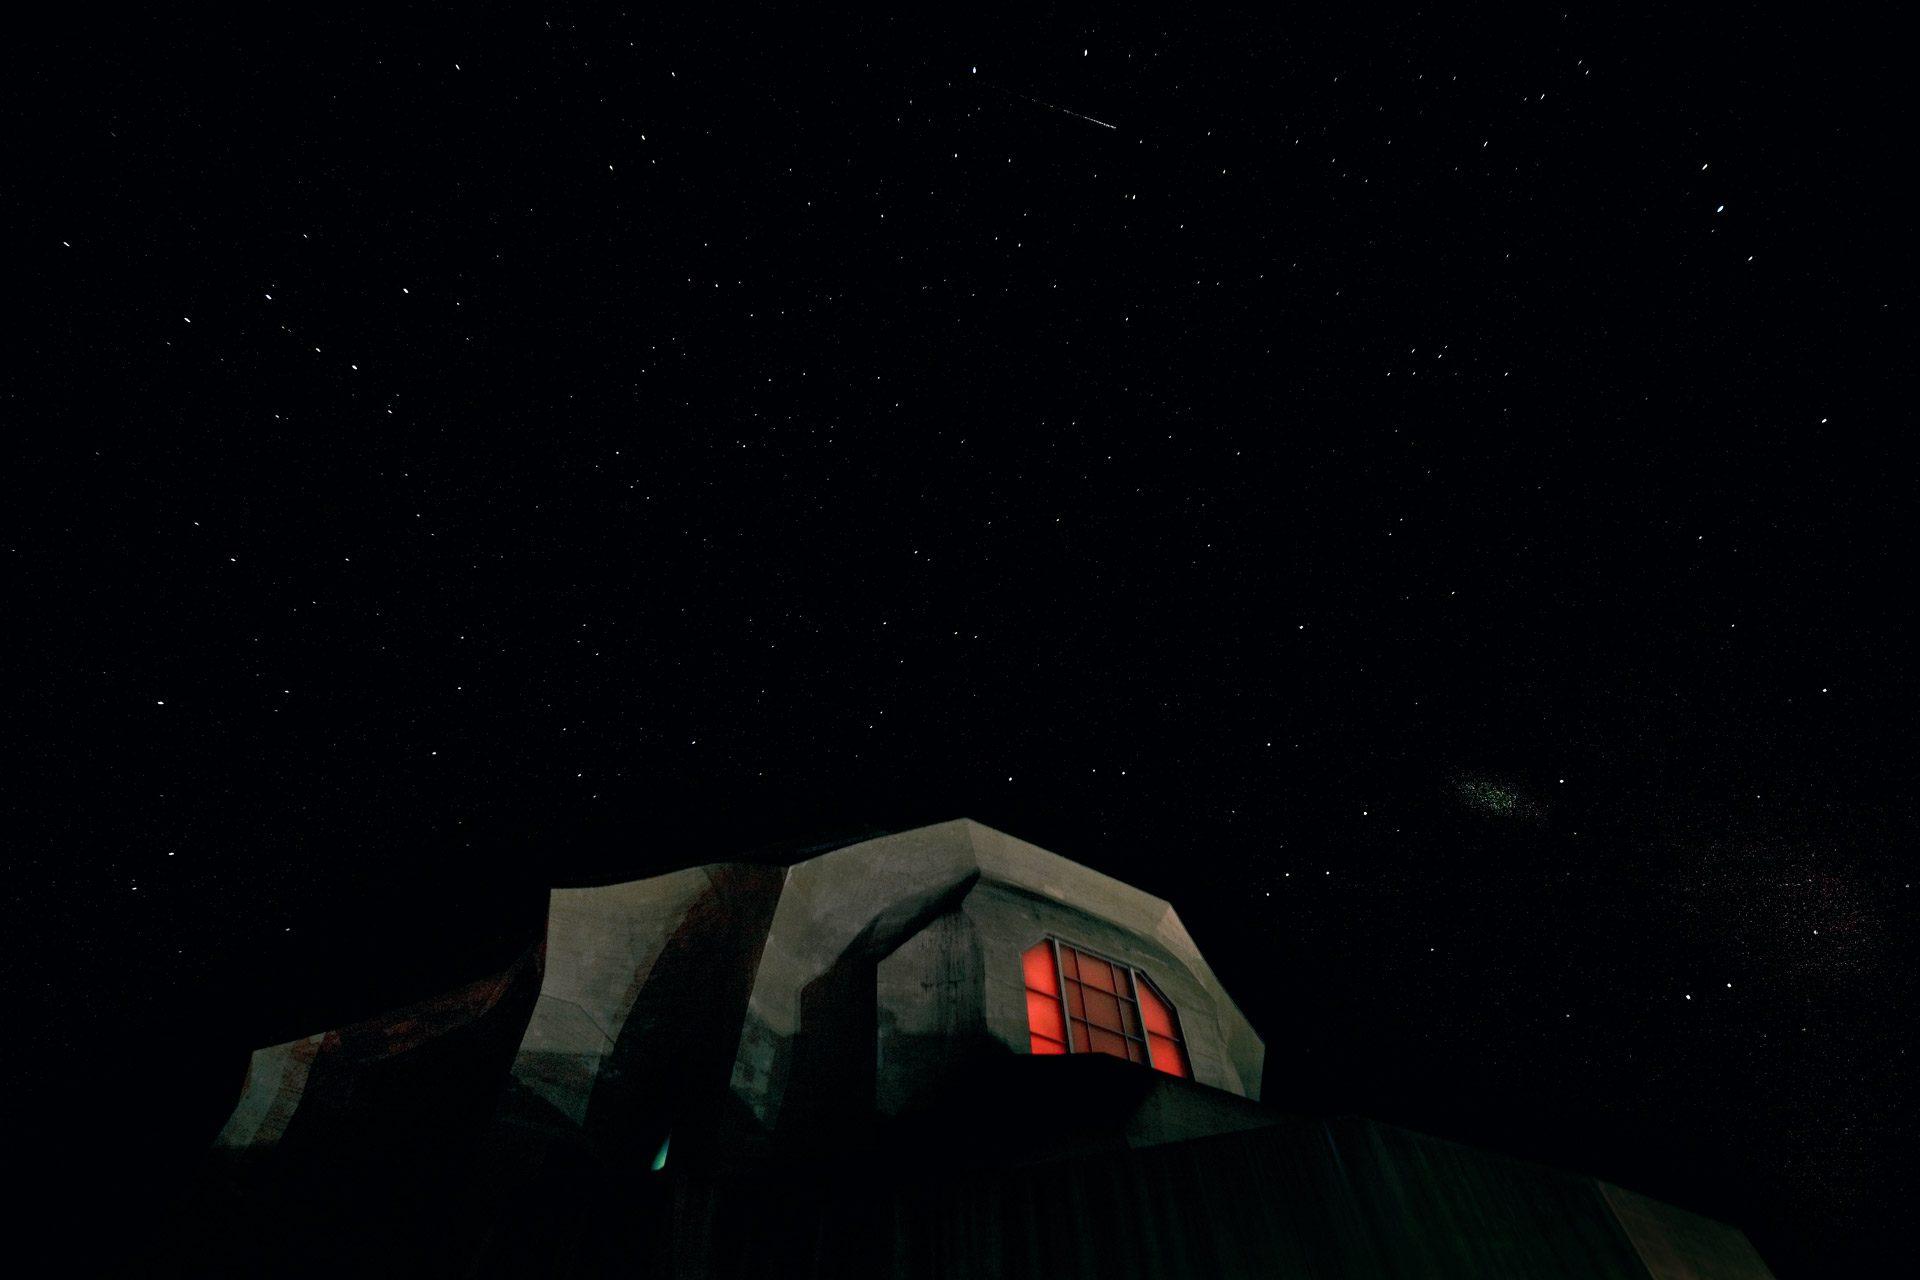 Goetheanum unter Sternen - Goetheanum under the stars